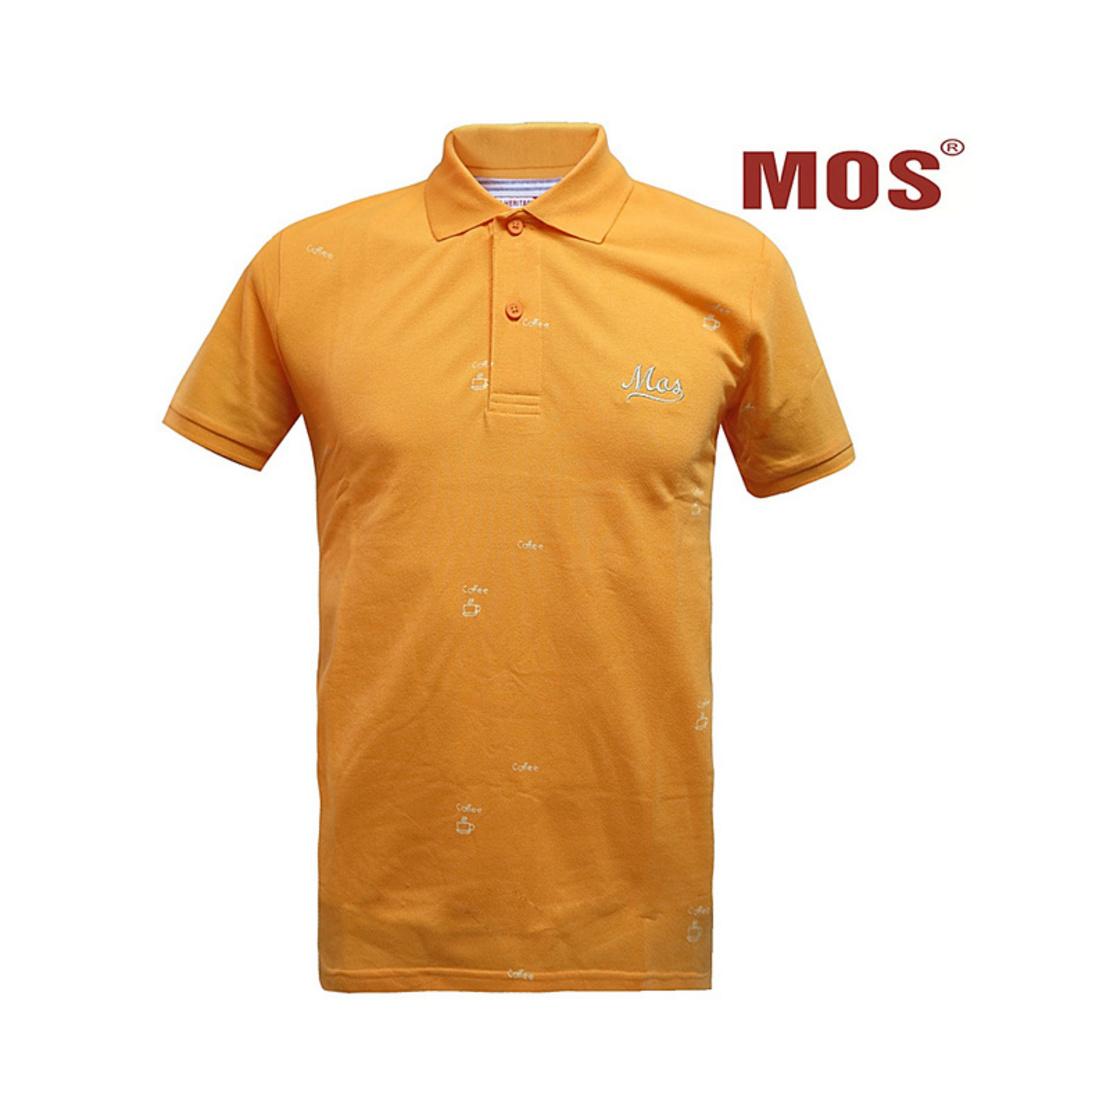 MOS HERITAGE POLO T-SHIRT เสื้อโปโลชาย รุ่น MMB-0226 (เหลืองส้ม)